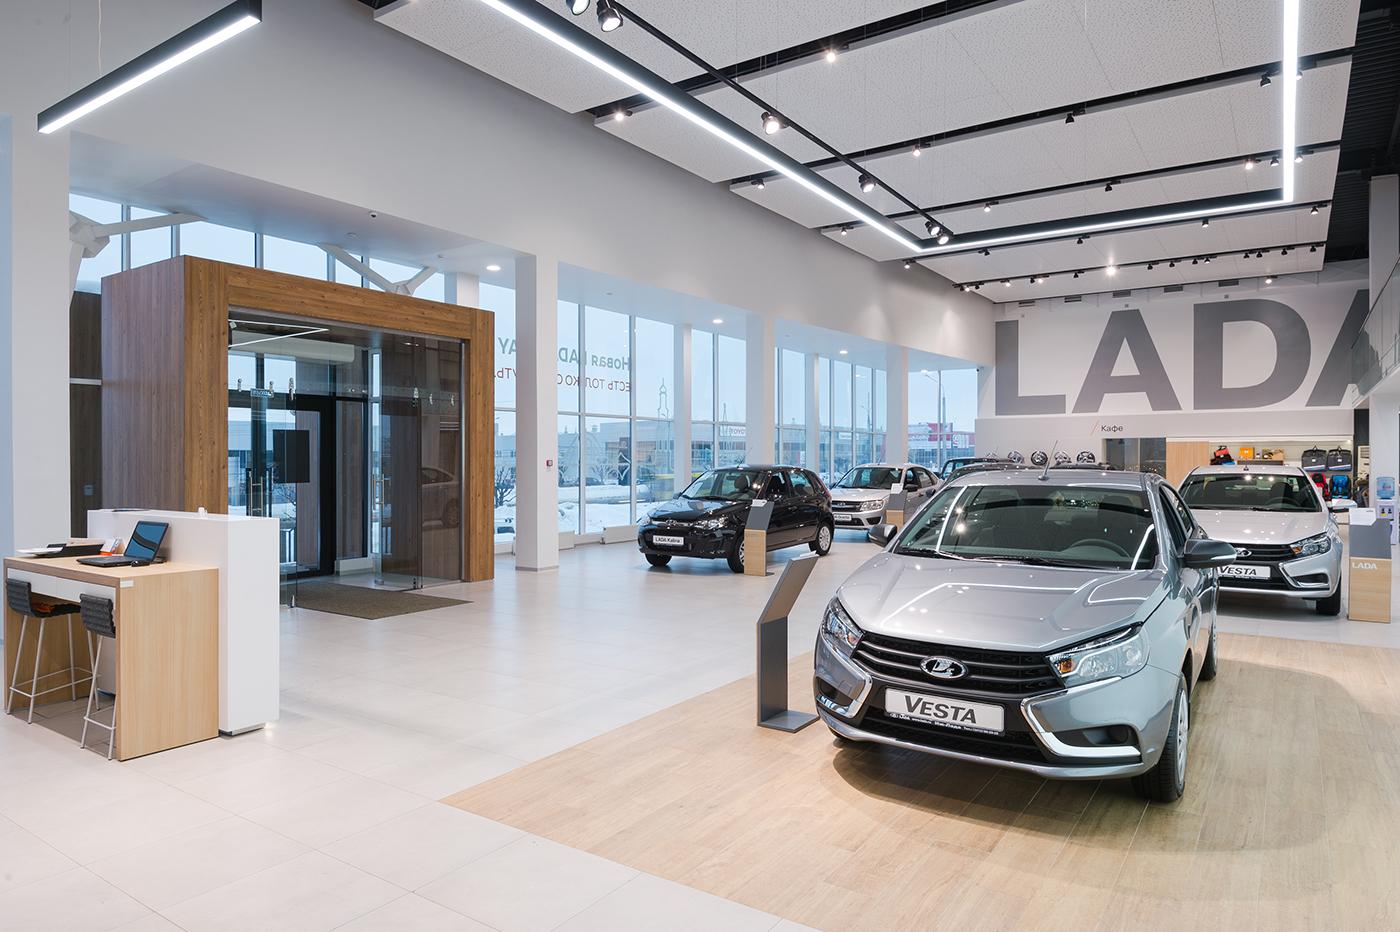 автосалон дилерский центр dealer center Cars Auto showroom Public Interior эффективный интерьер новый имидж new identity brand identity процессы processes